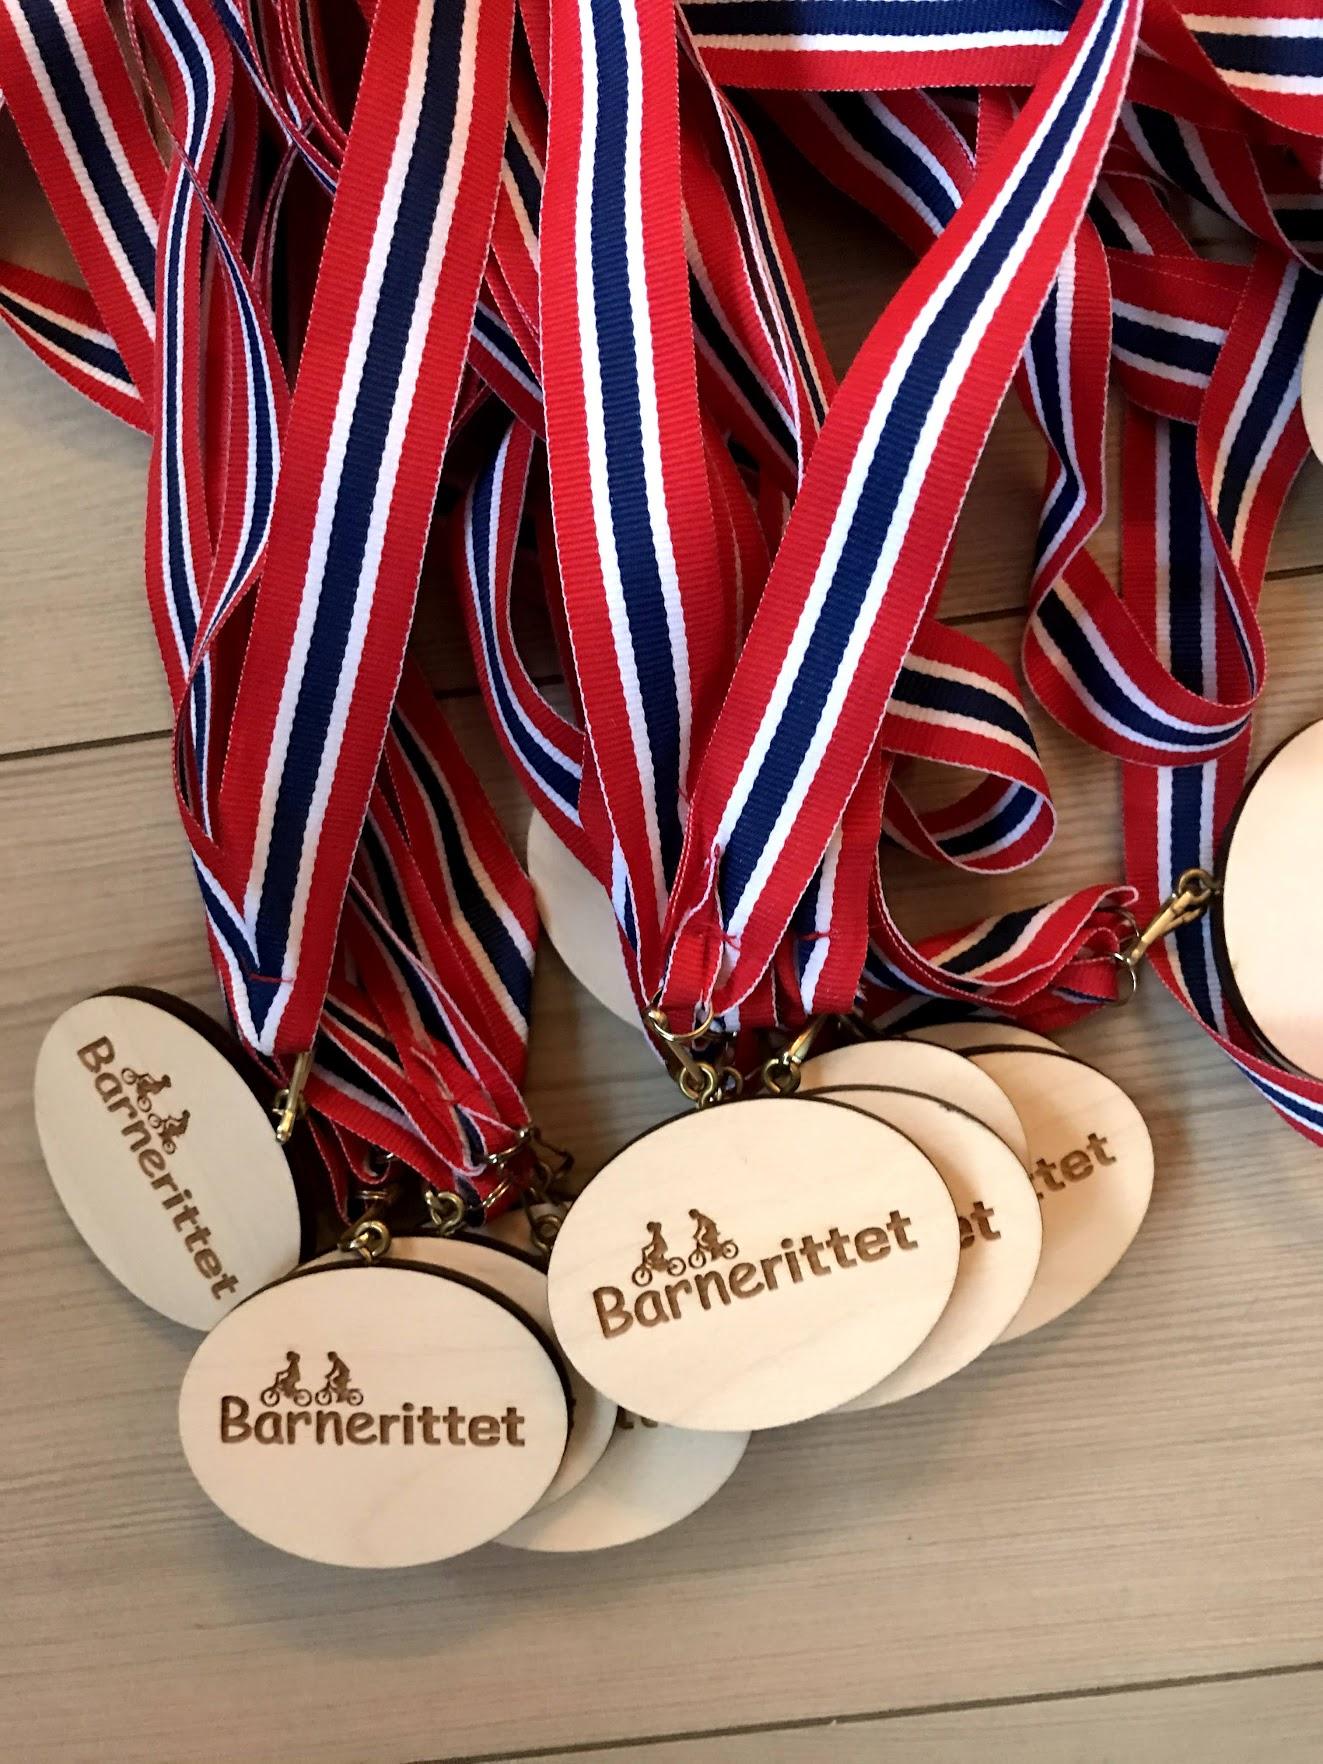 Barnerittet medaljer